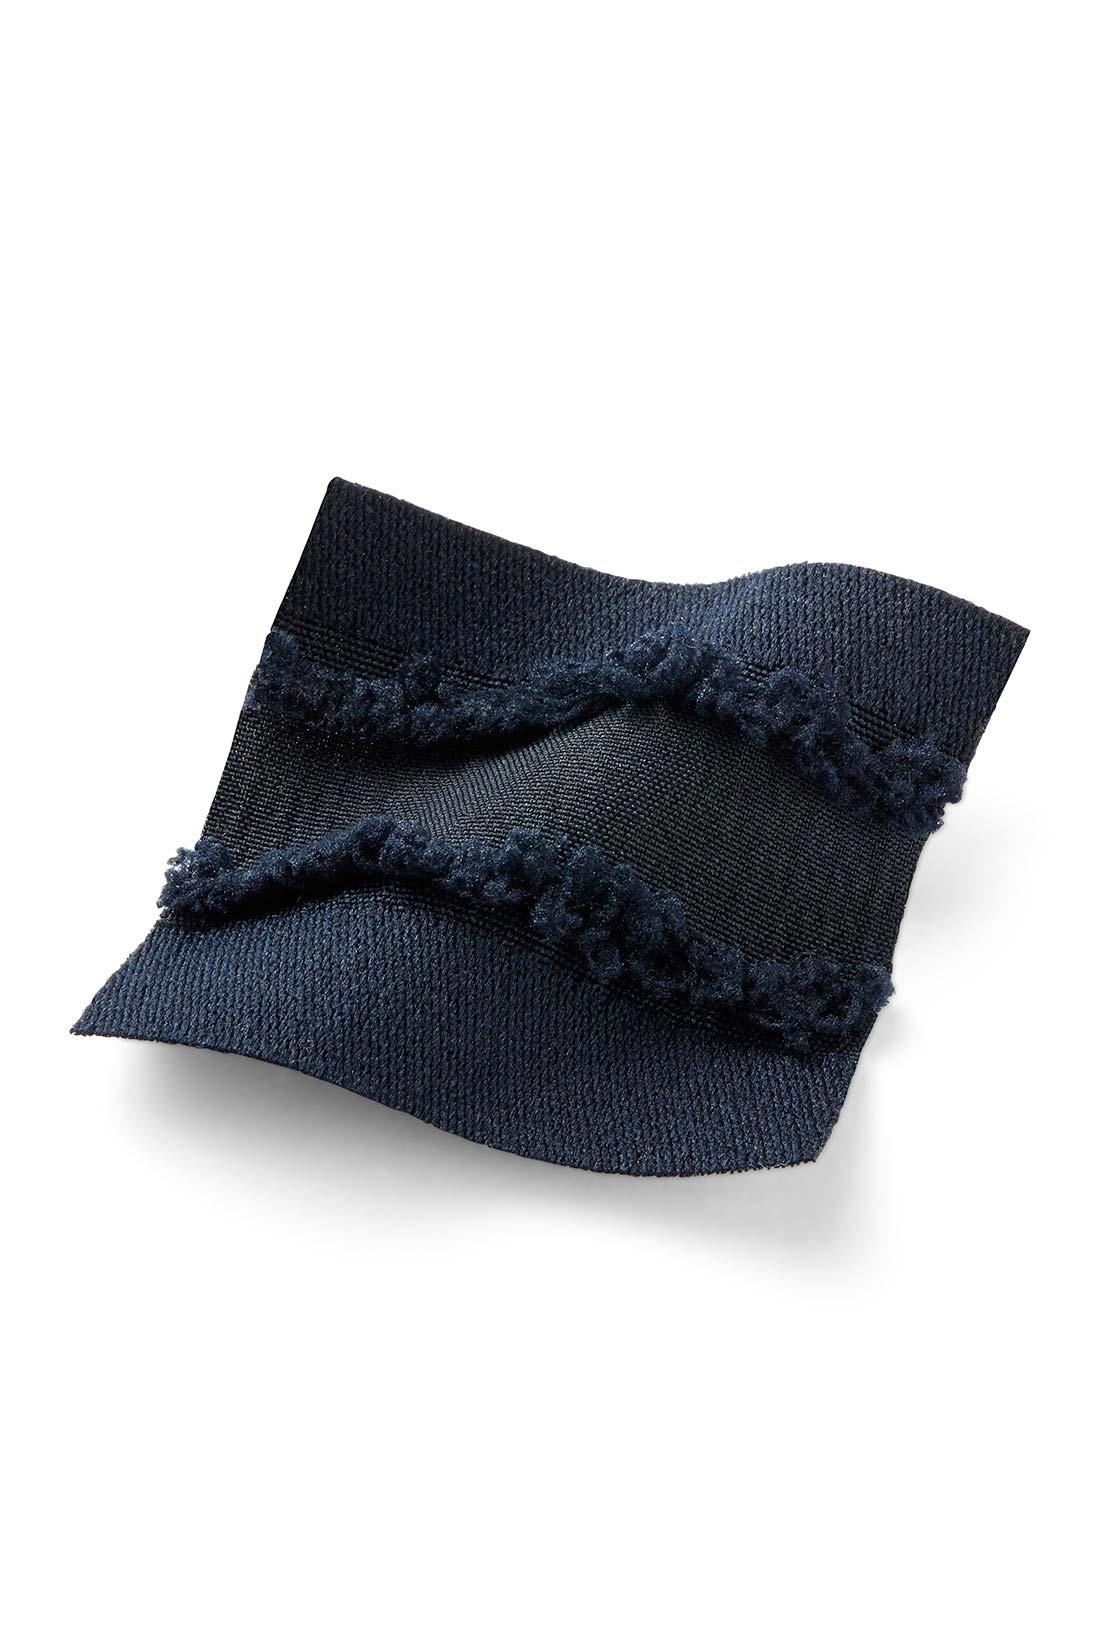 織り柄で表現したほんのり甘いフリンジで立体感を演出、夏にふさわしいドライタッチな素材。